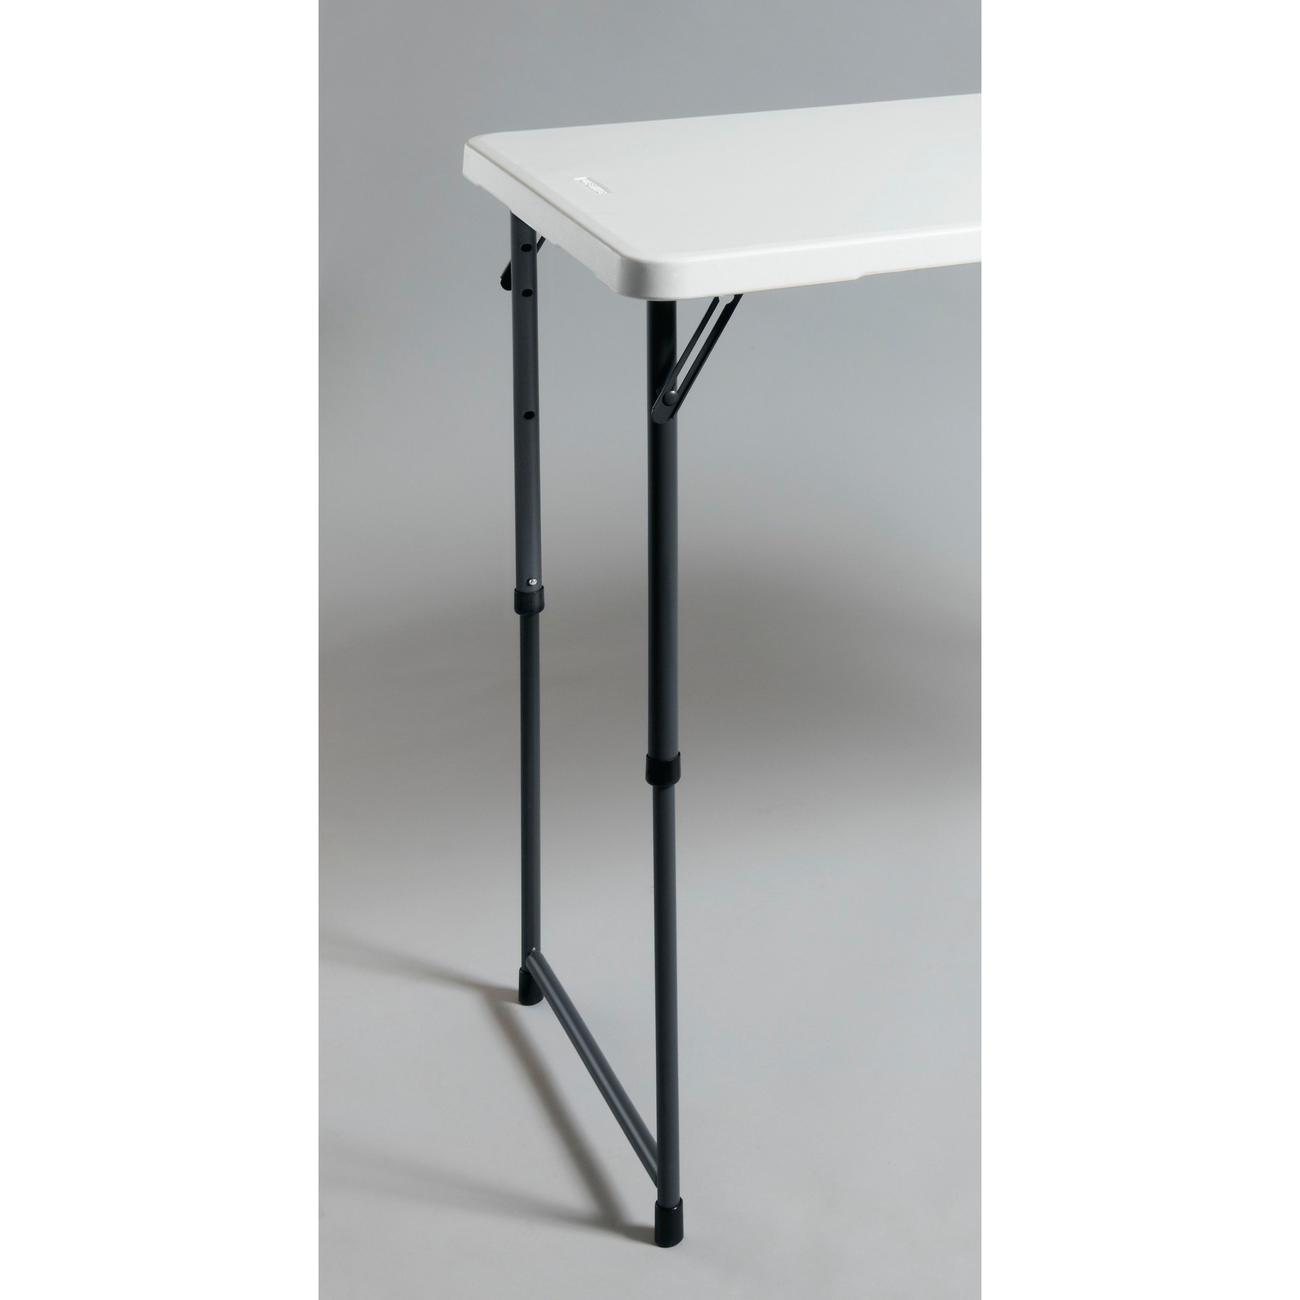 Vierfach Höhenverstellbar   Ideal Als Buffet  Und Beistelltisch, Ess  Und  Arbeitstisch, Spieltisch Für Die Kleinen, U2026